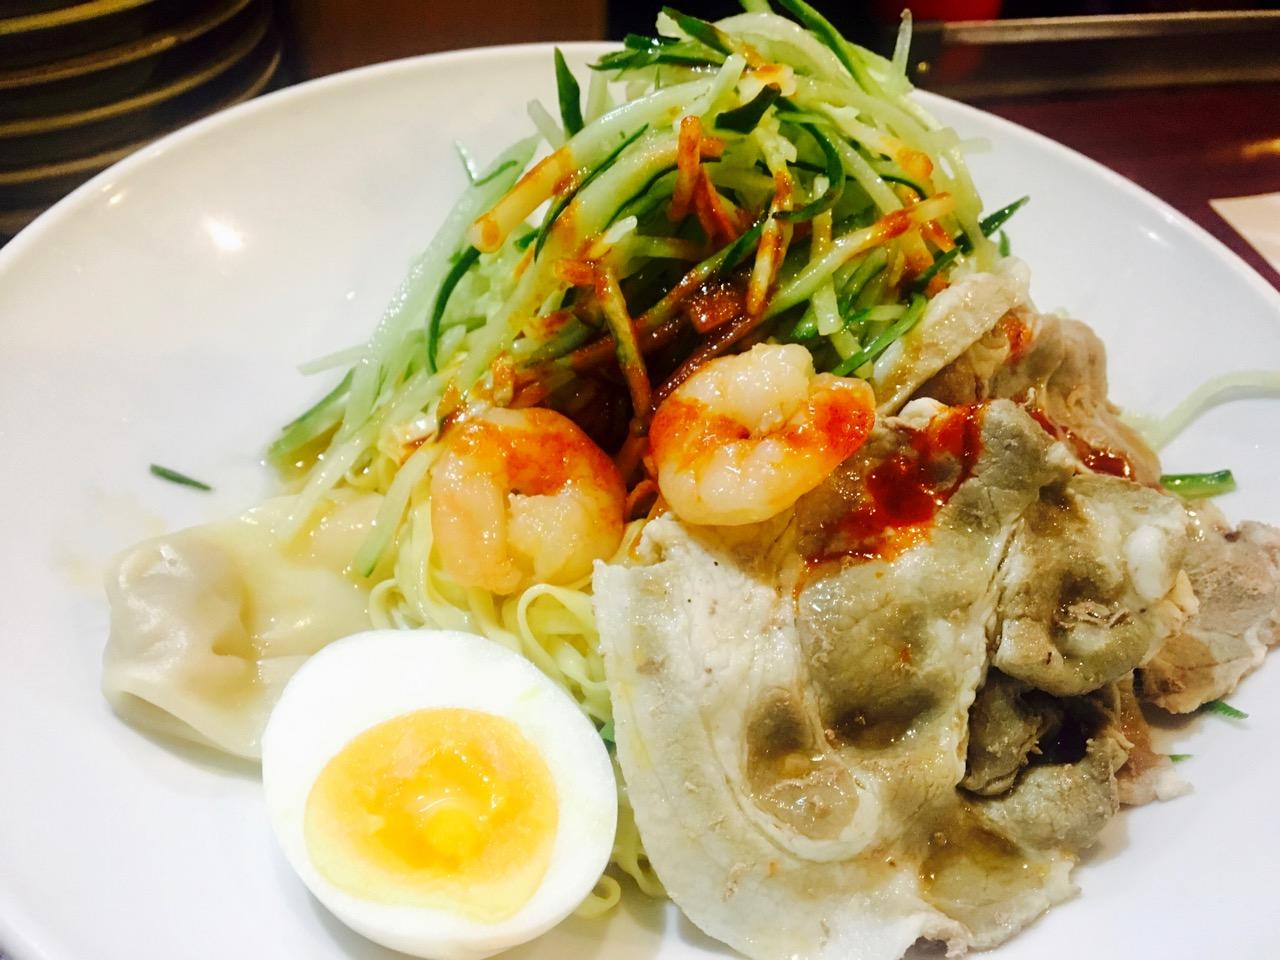 広島駅近くでさっぱりとした呉冷麺を食べたいなら呉麺屋へ